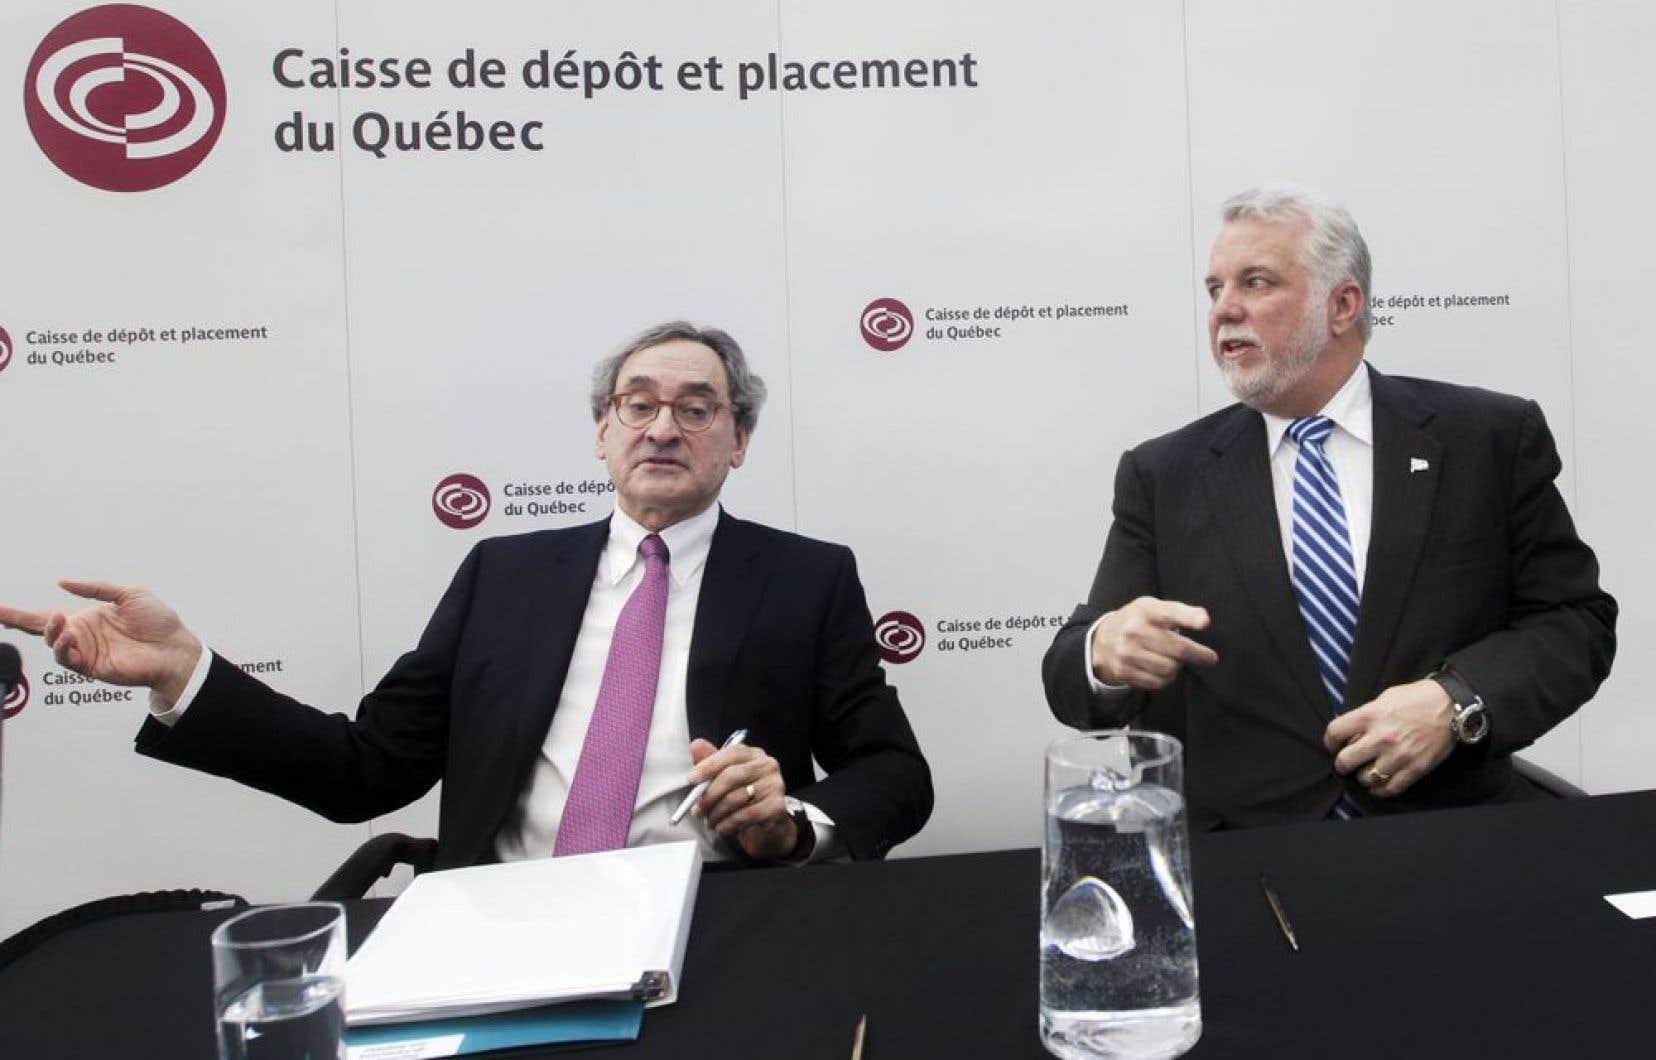 Le président et chef de la direction de la Caisse de dépôt, Michael Sabia, était en compagnie du premier ministre Philippe Couillard pour présenter le nouveau partenariat.